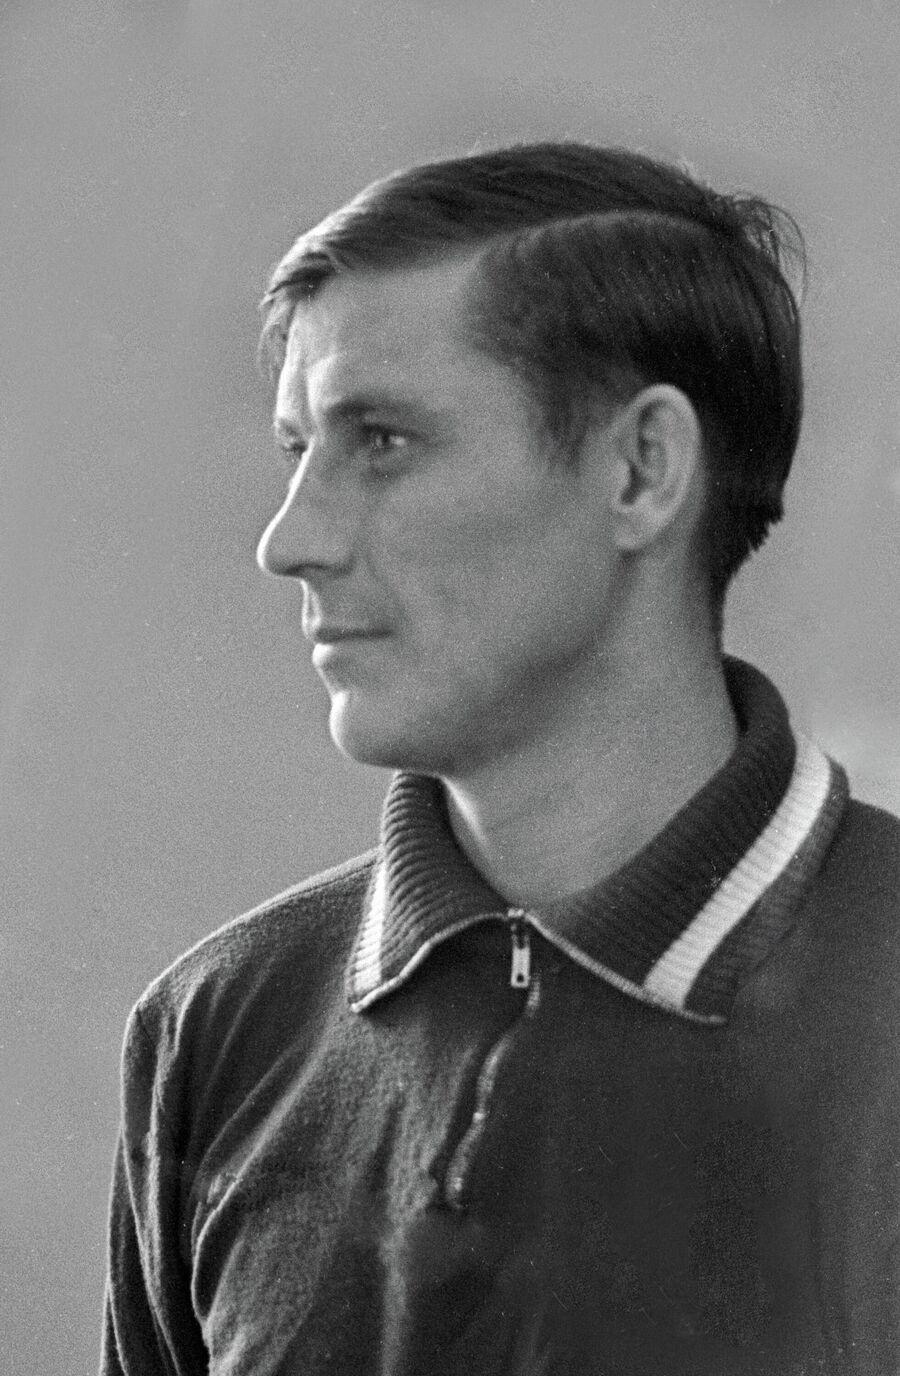 Анатолий Масленкин